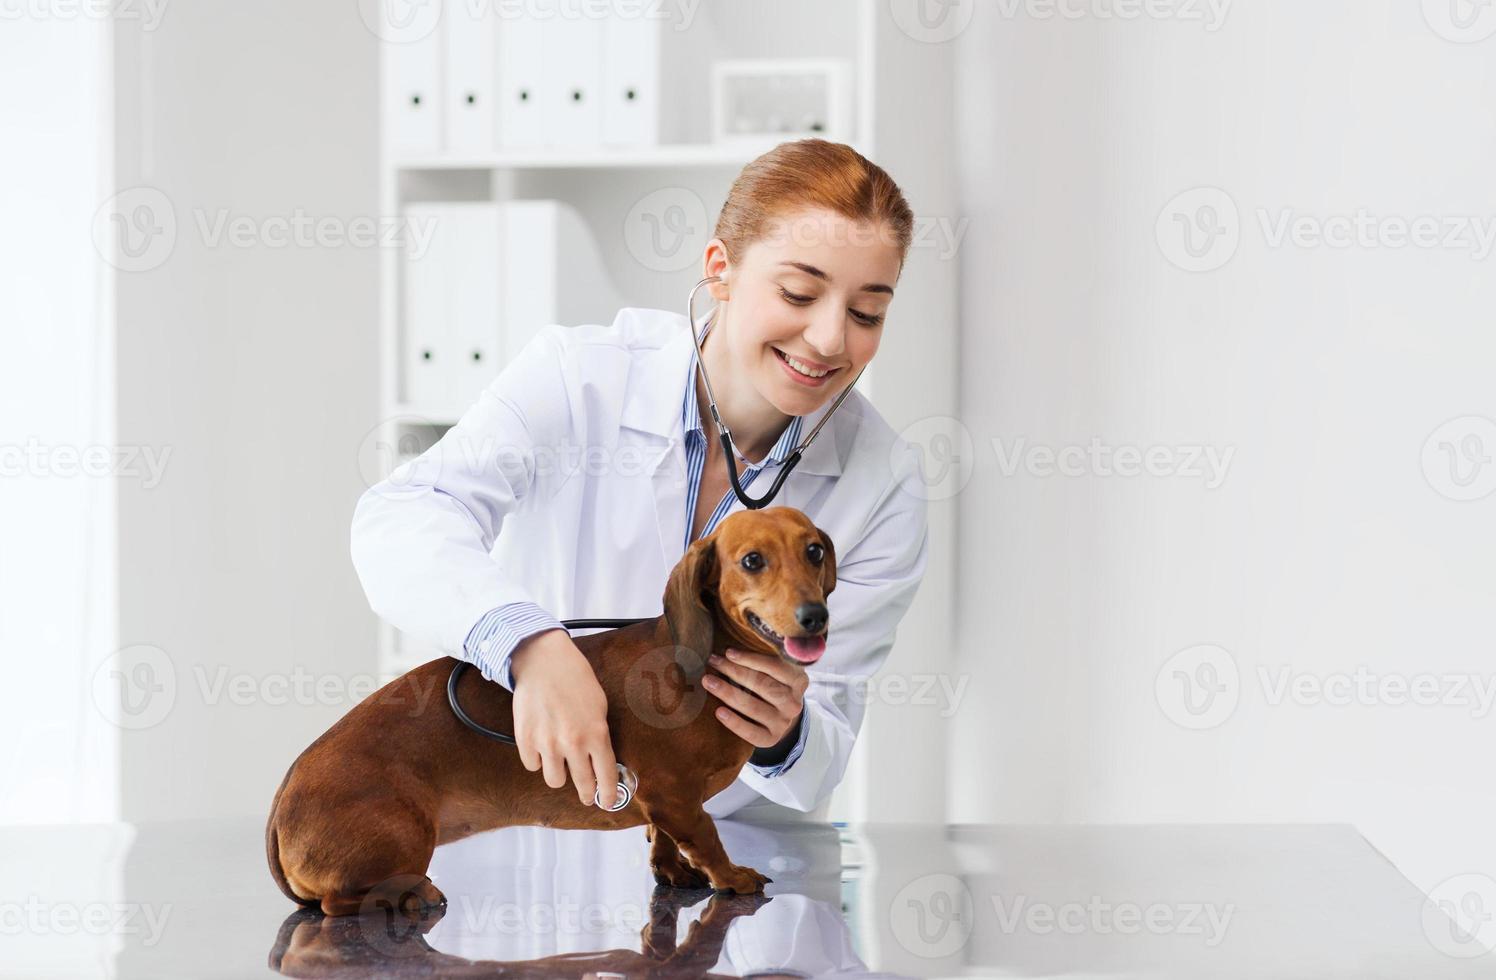 arts met stethoscoop en hond bij dierenartskliniek foto